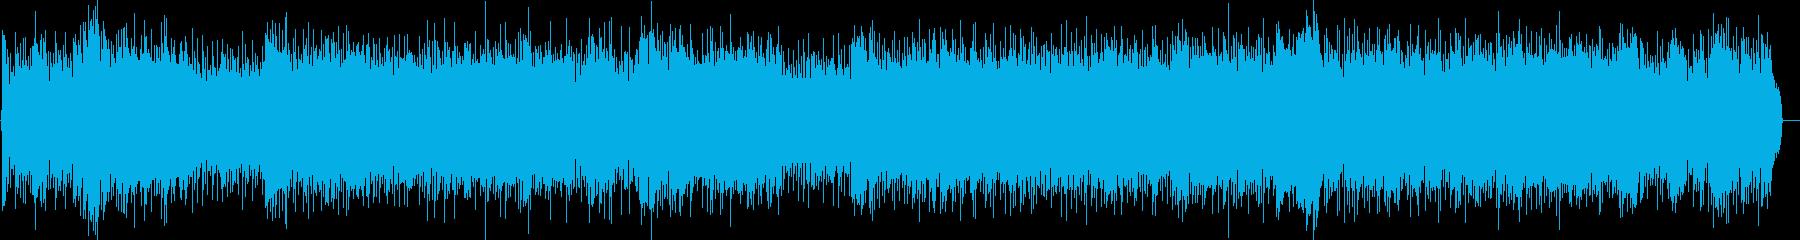 レース/バトル系疾走感のあるフュージョンの再生済みの波形